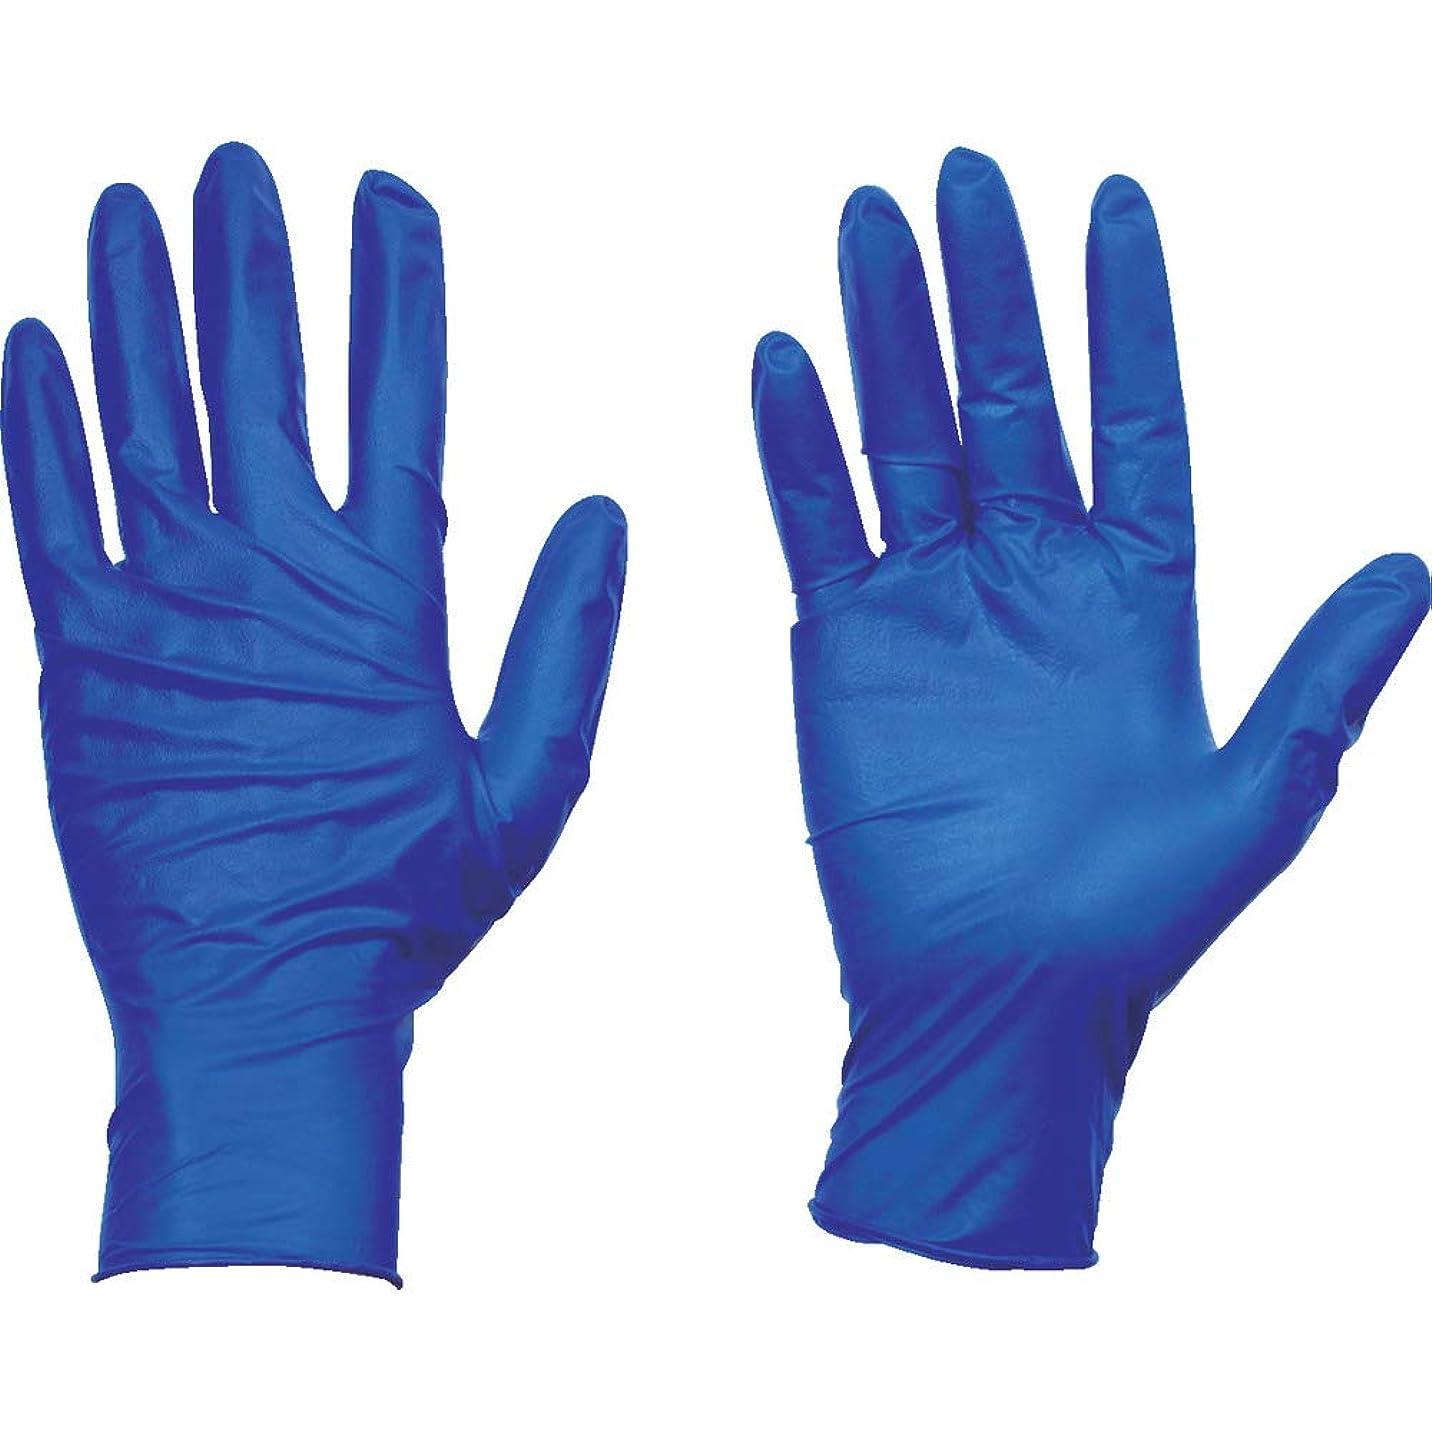 シーズン相互接続ペルソナTRUSCO(トラスコ) 使い捨て天然ゴム手袋TGセーフ 0.12 粉無青S 100枚 TGNL12BS